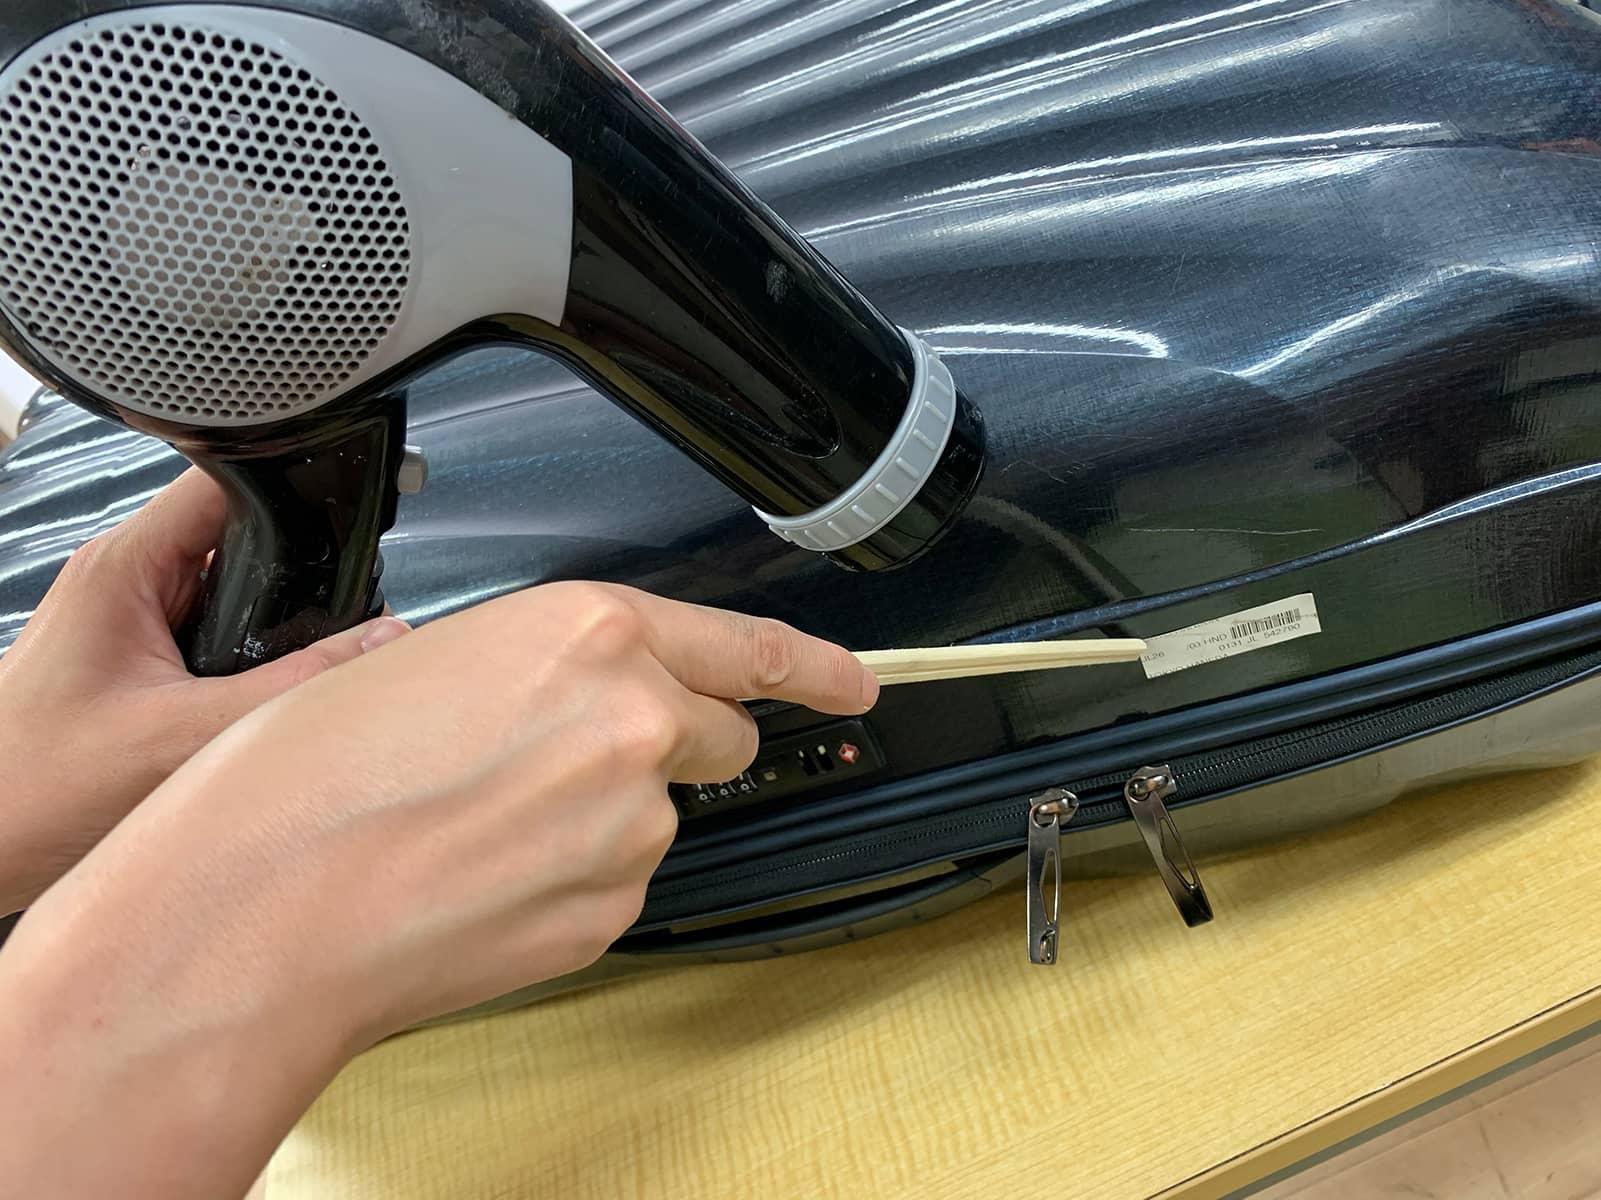 スーツケースに貼られたシールに、ドライヤーの熱風を当てながら、割り箸を使って剥がしている様子